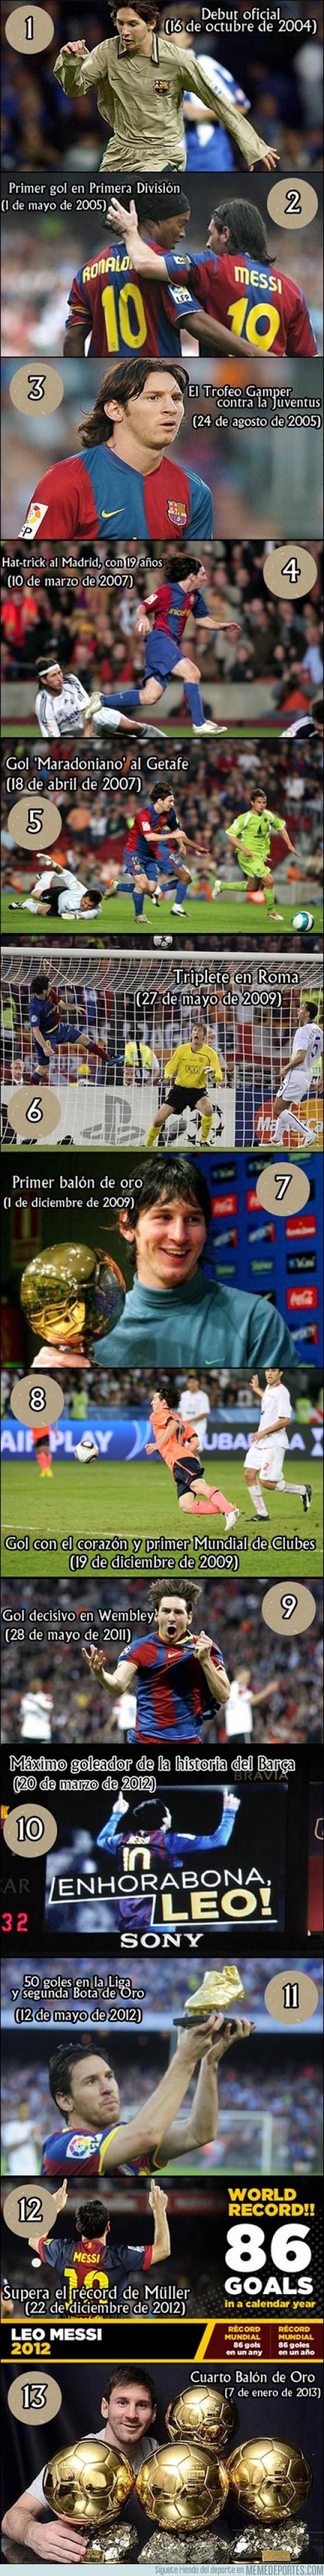 80430 - 13 momentos de los 13 años de Messi en el Barça